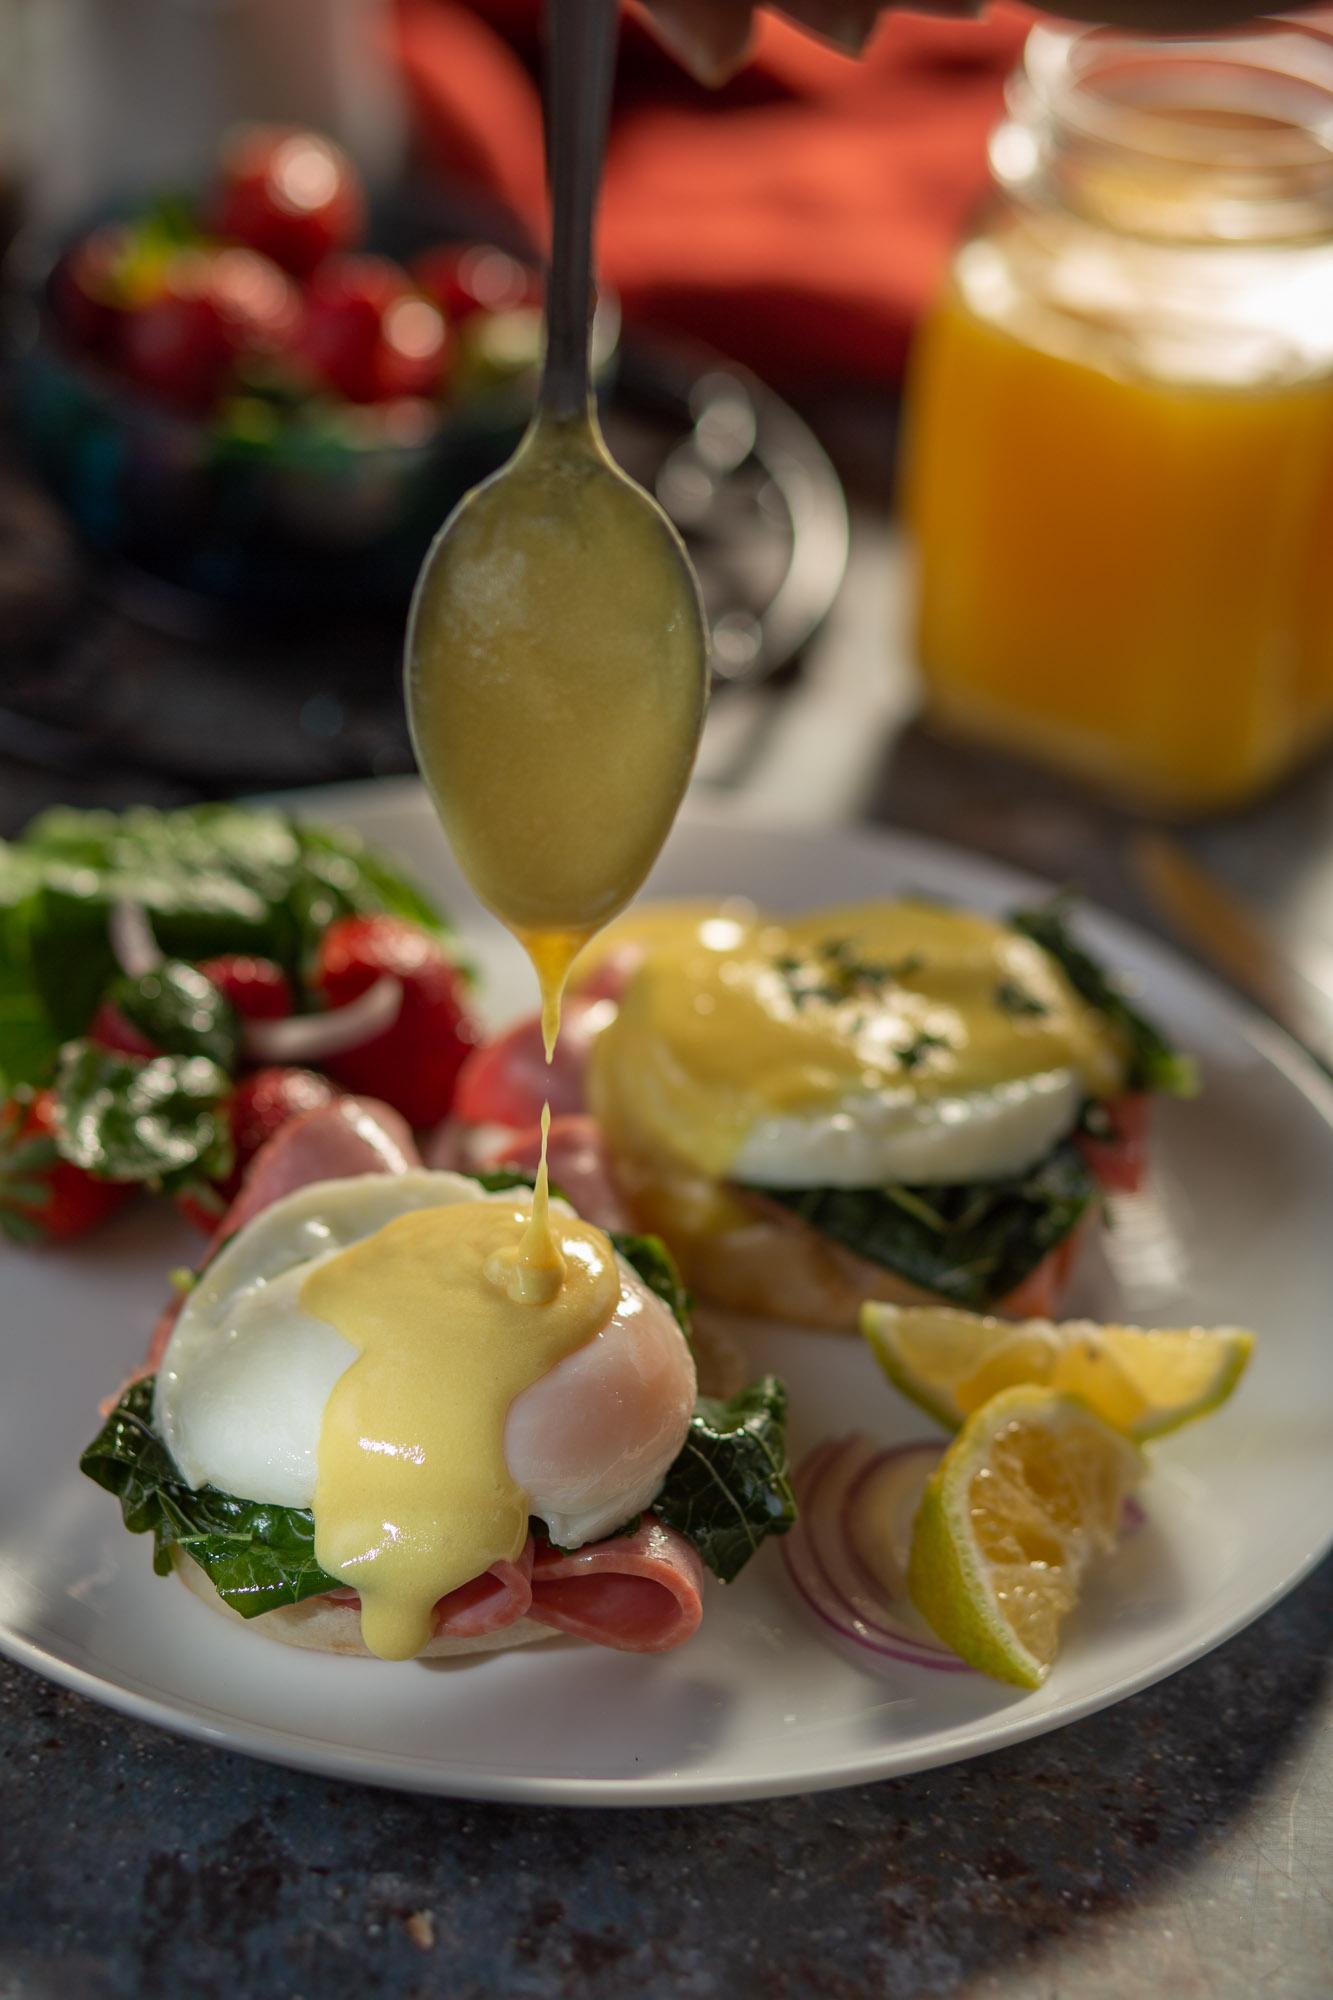 Eggs Benedict with Smoked Deli Slices